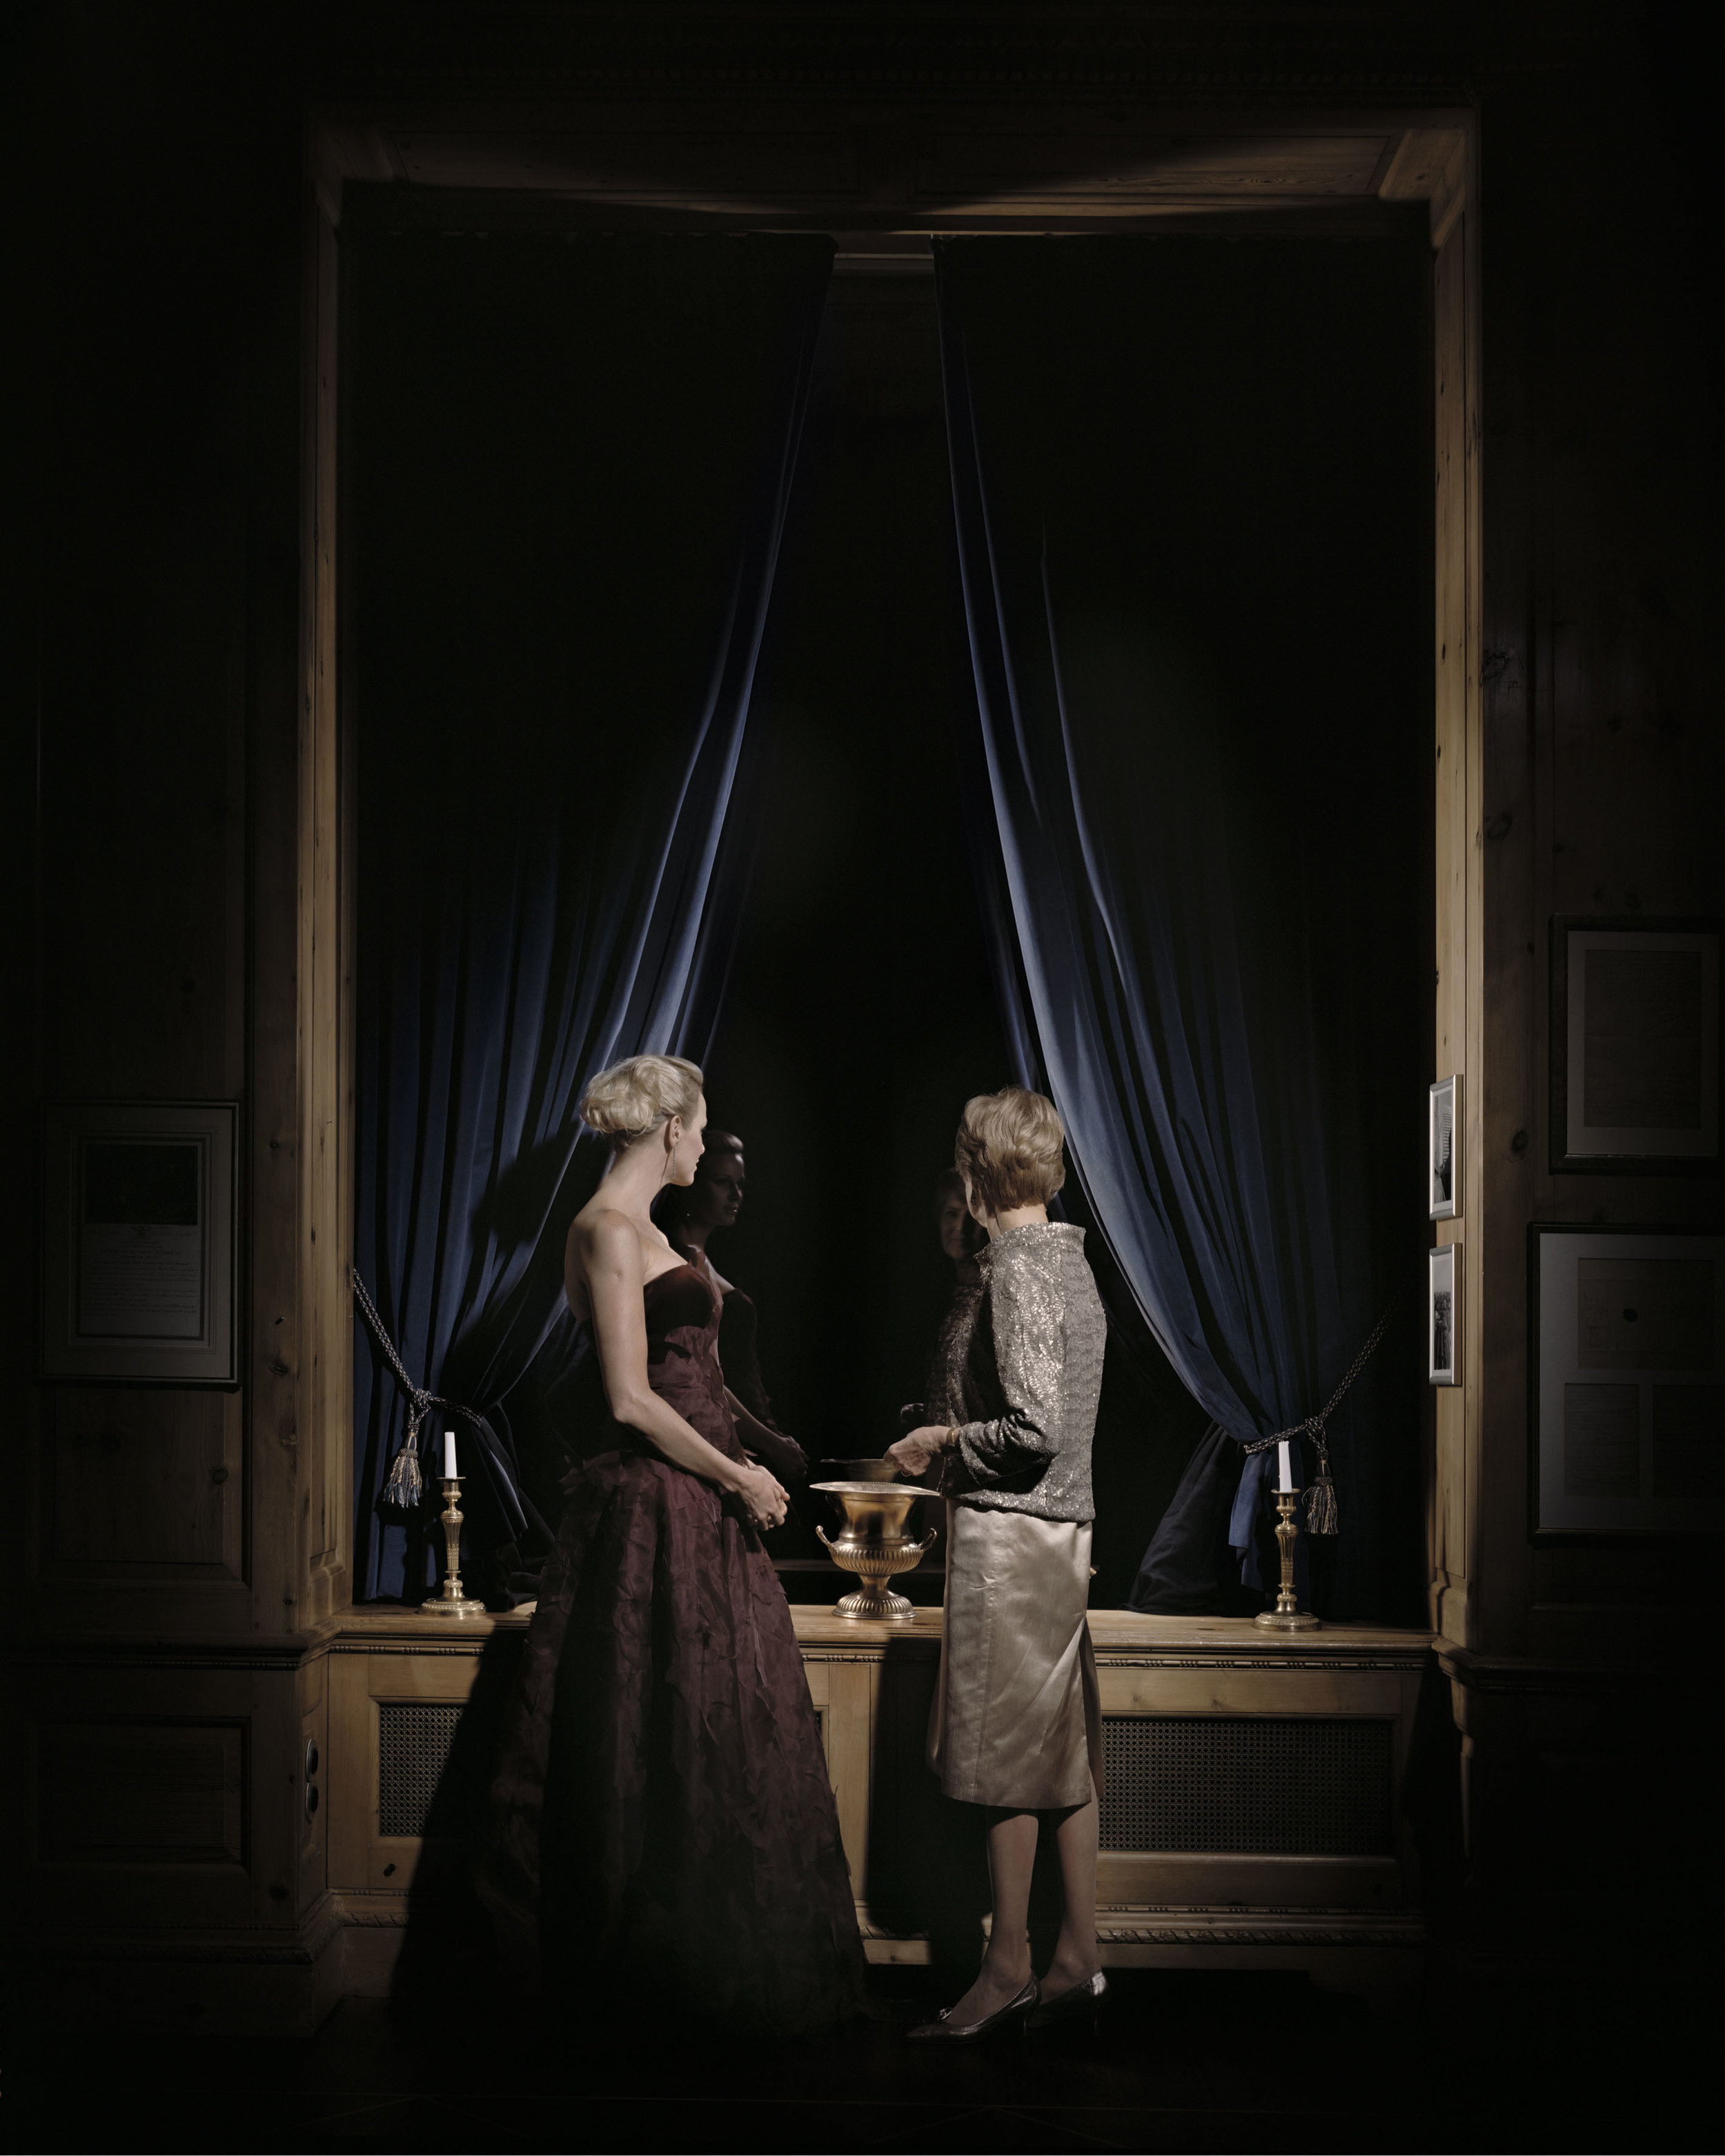 Andreas Mühe, Friede II (Fürstin Charlene von Monaco und Friede Springer), 2011, Series: Friede Springer .